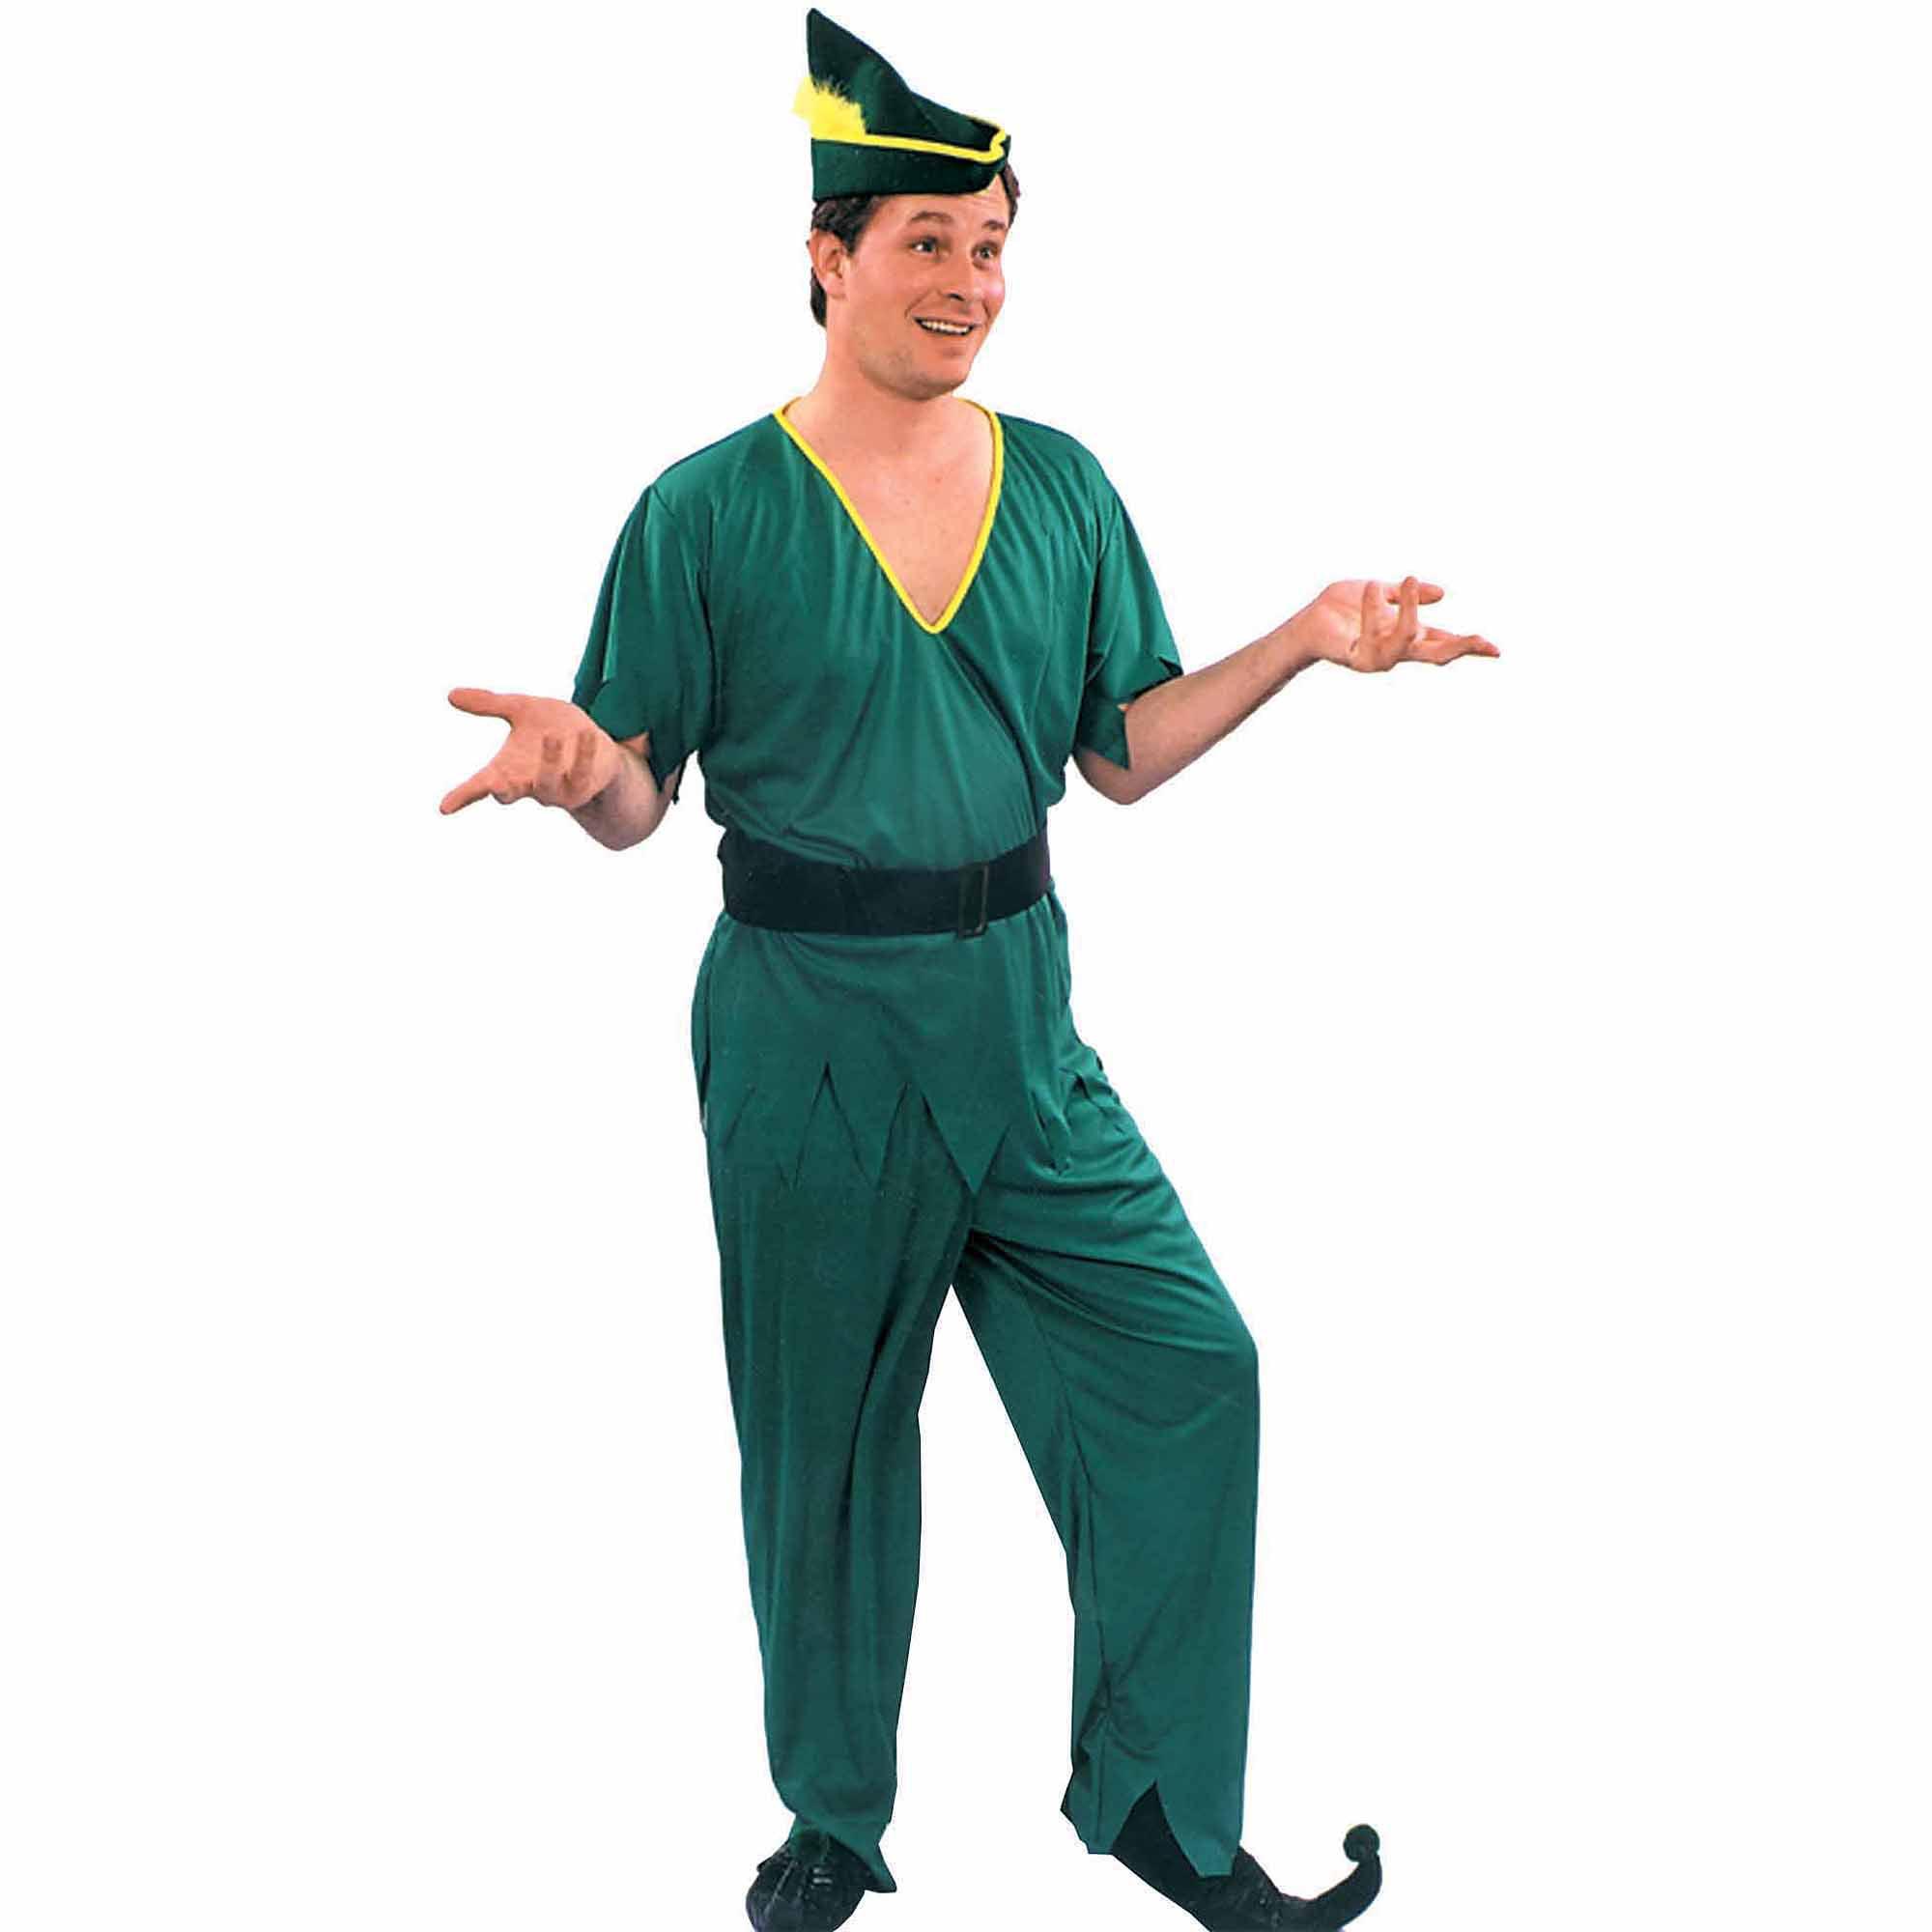 Peter Pan Robin Hood Stile Unisex Adult Costume